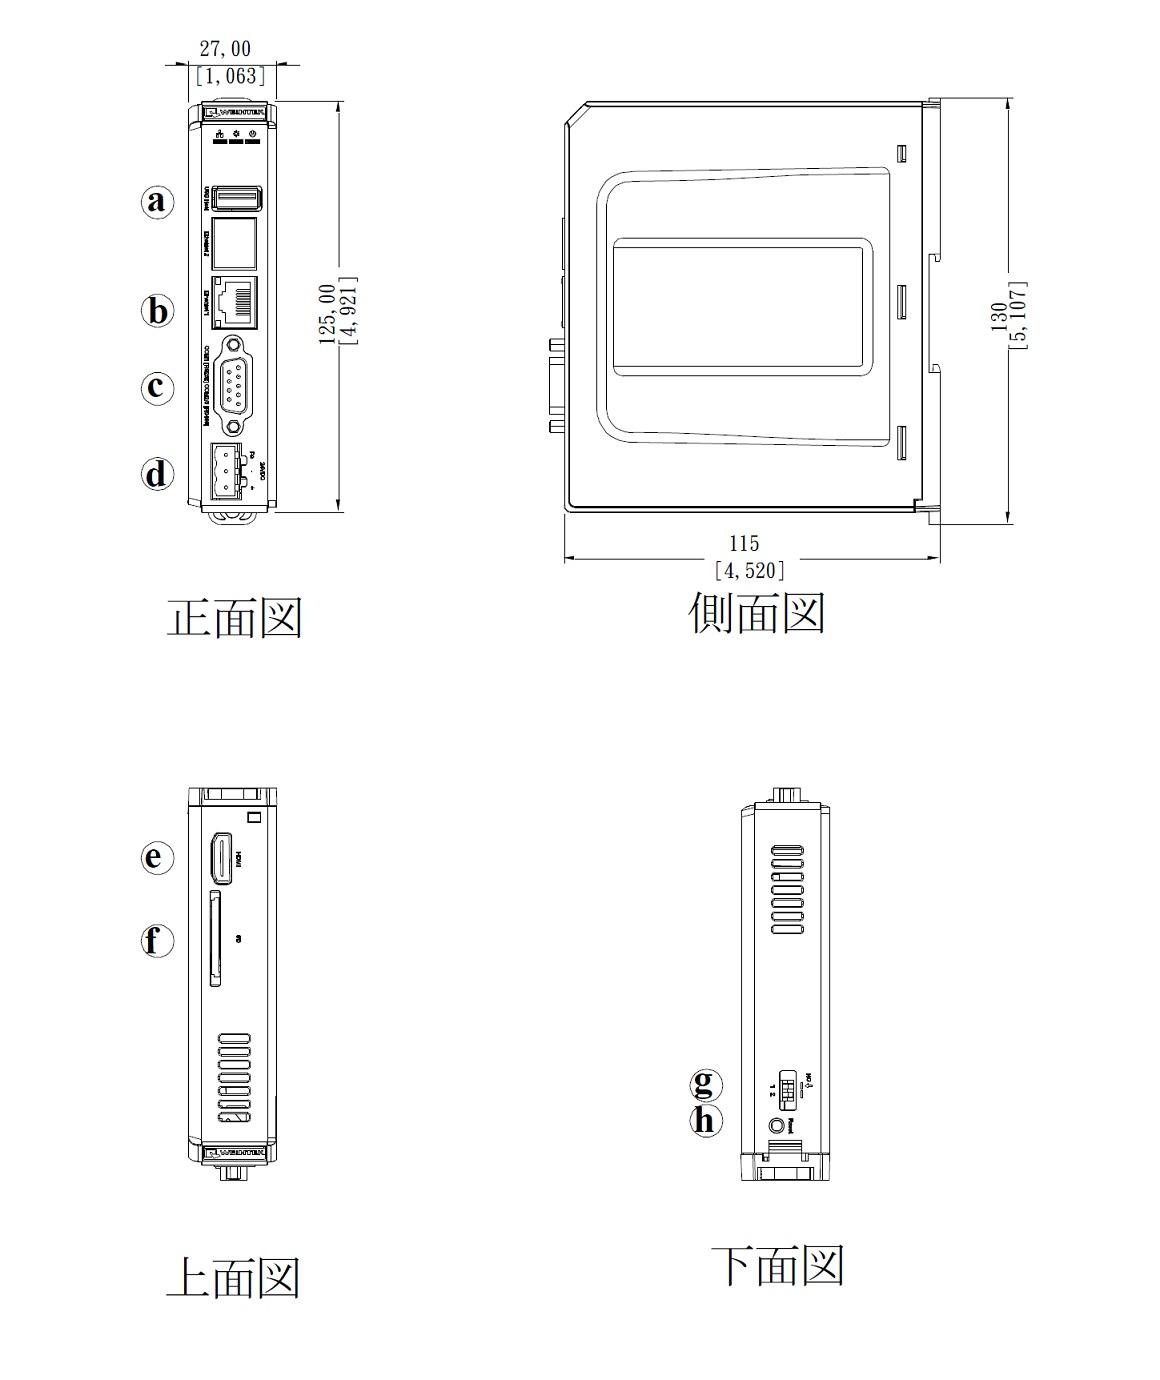 mTV-100の仕様画像